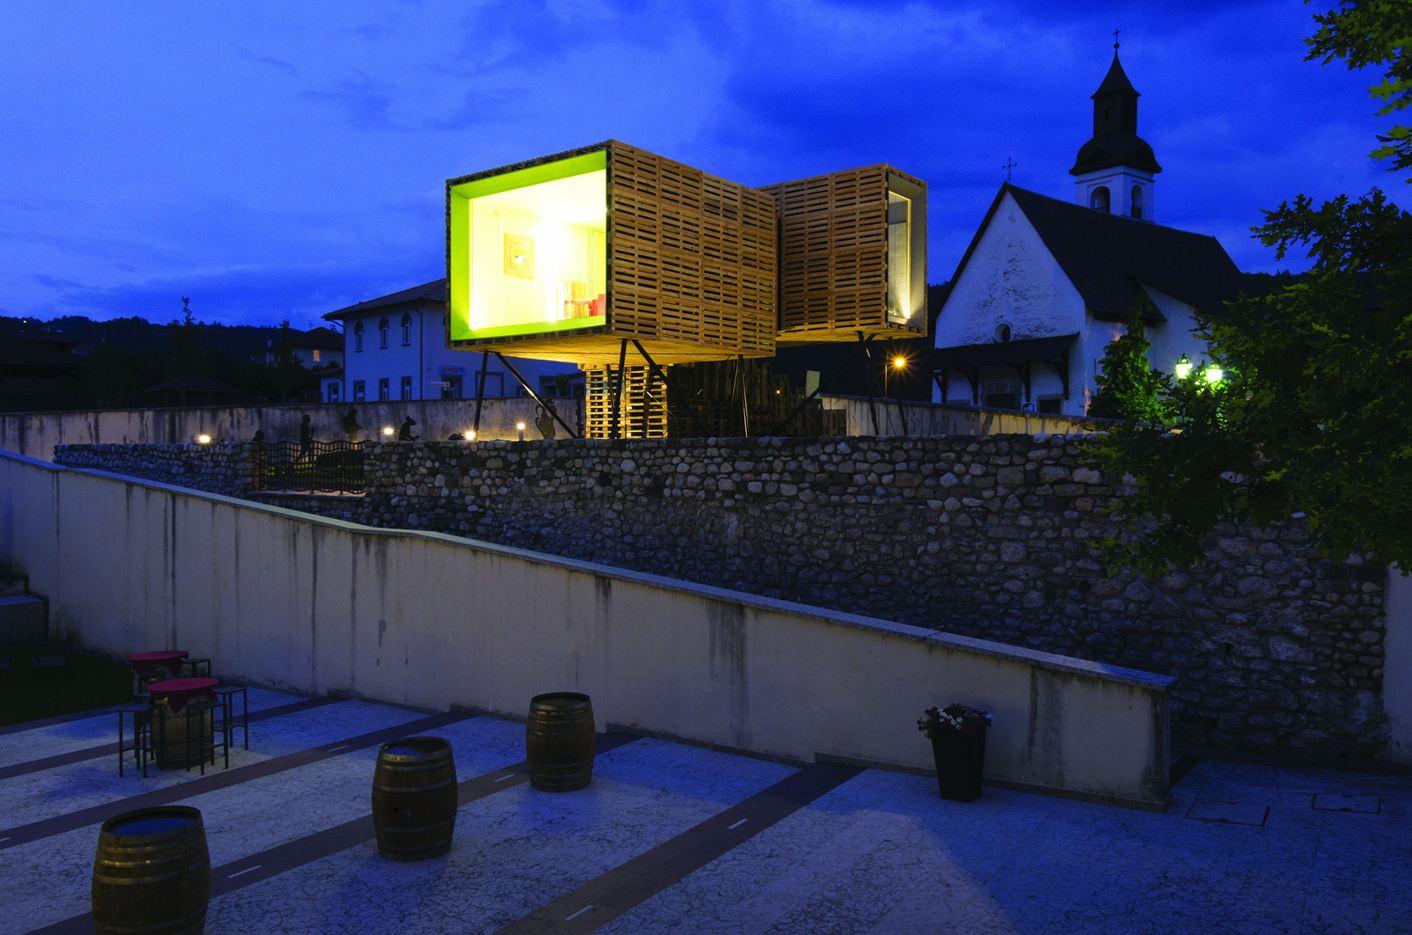 Homeair in Sanzeno, Italy by Mirko Franzoso Architetto